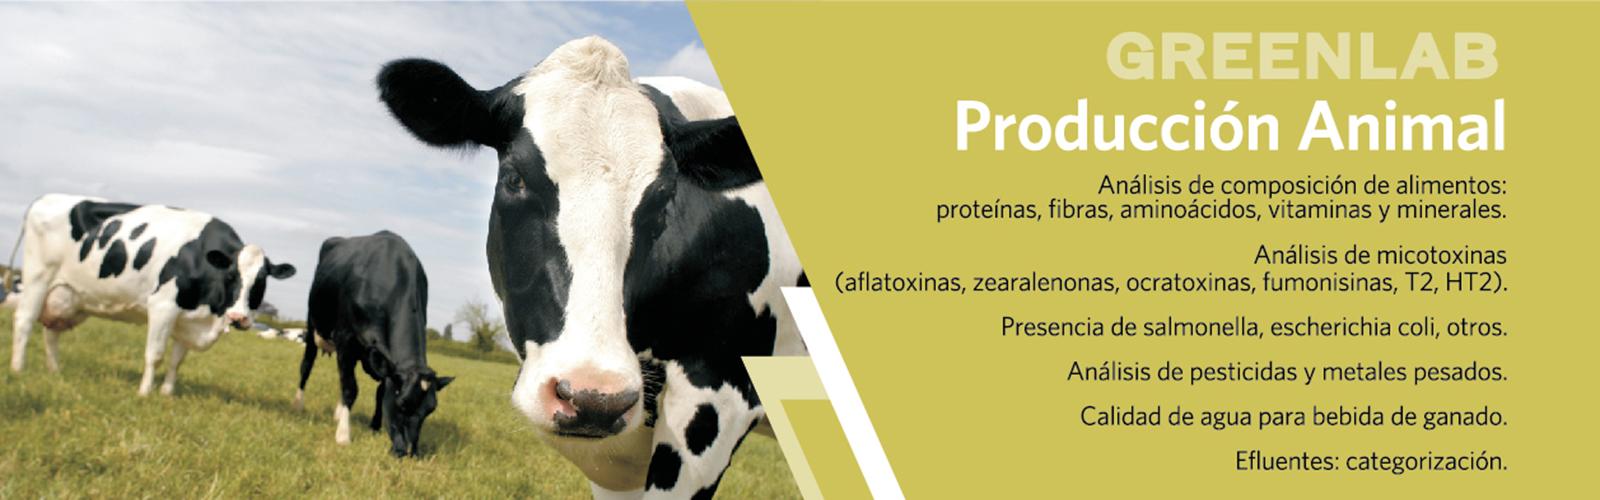 Composici�n de alimentos, micotoxinas, bacterias, pesticidas y metales pesados, calidad de agua para ganado, categorizaci�n de efluentes